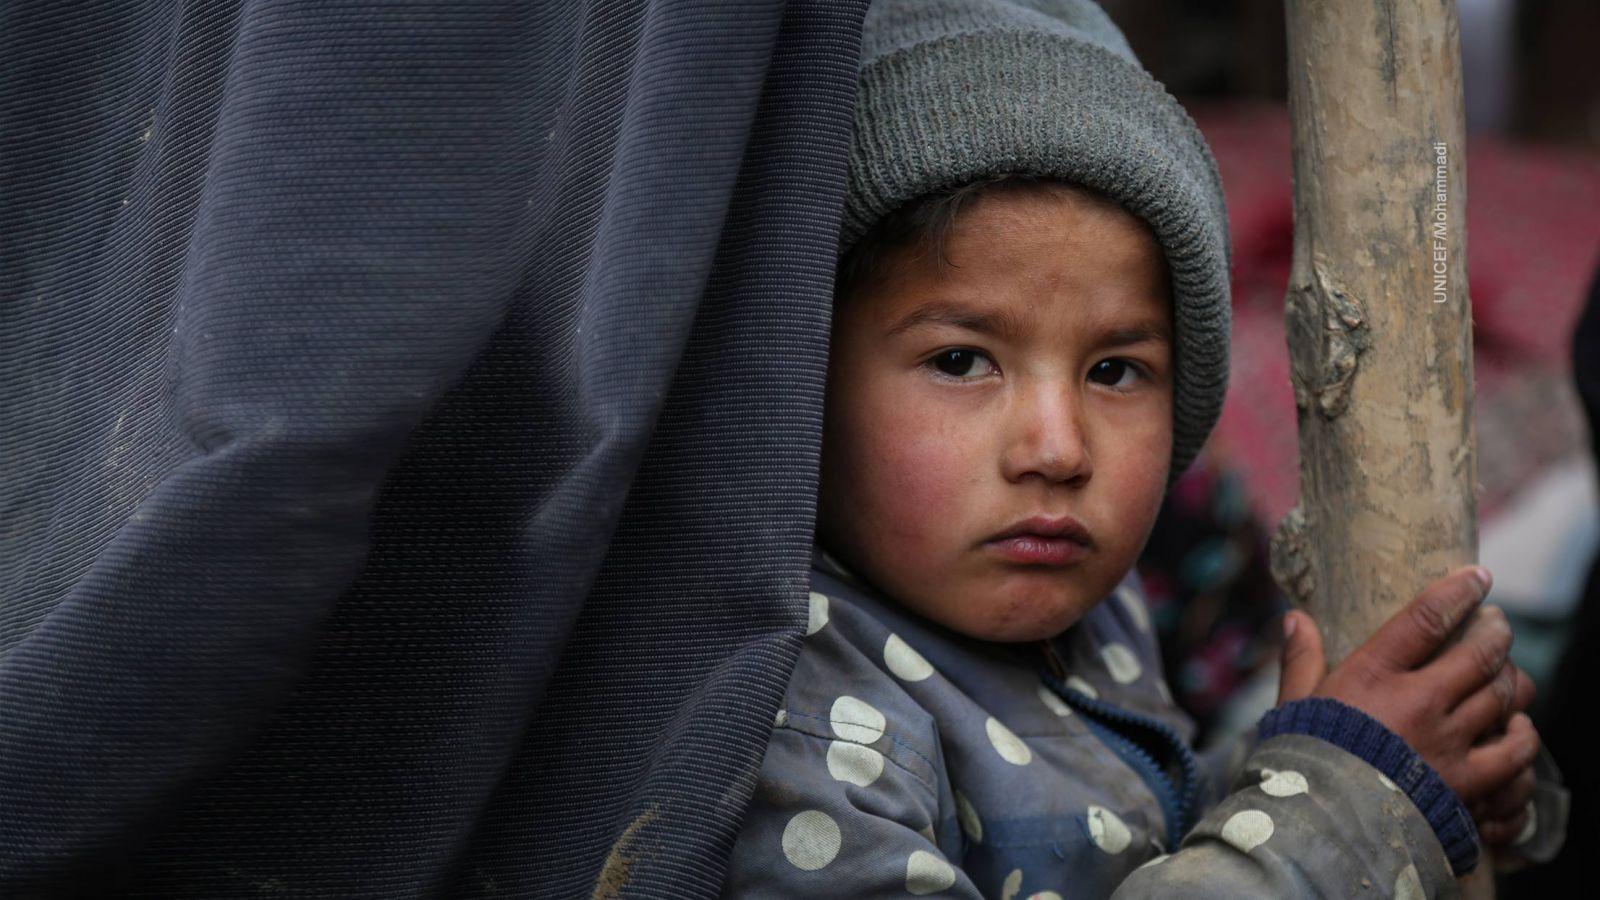 La pobreza infantil alcanza a más de 7.5 millones de chicos y chicas